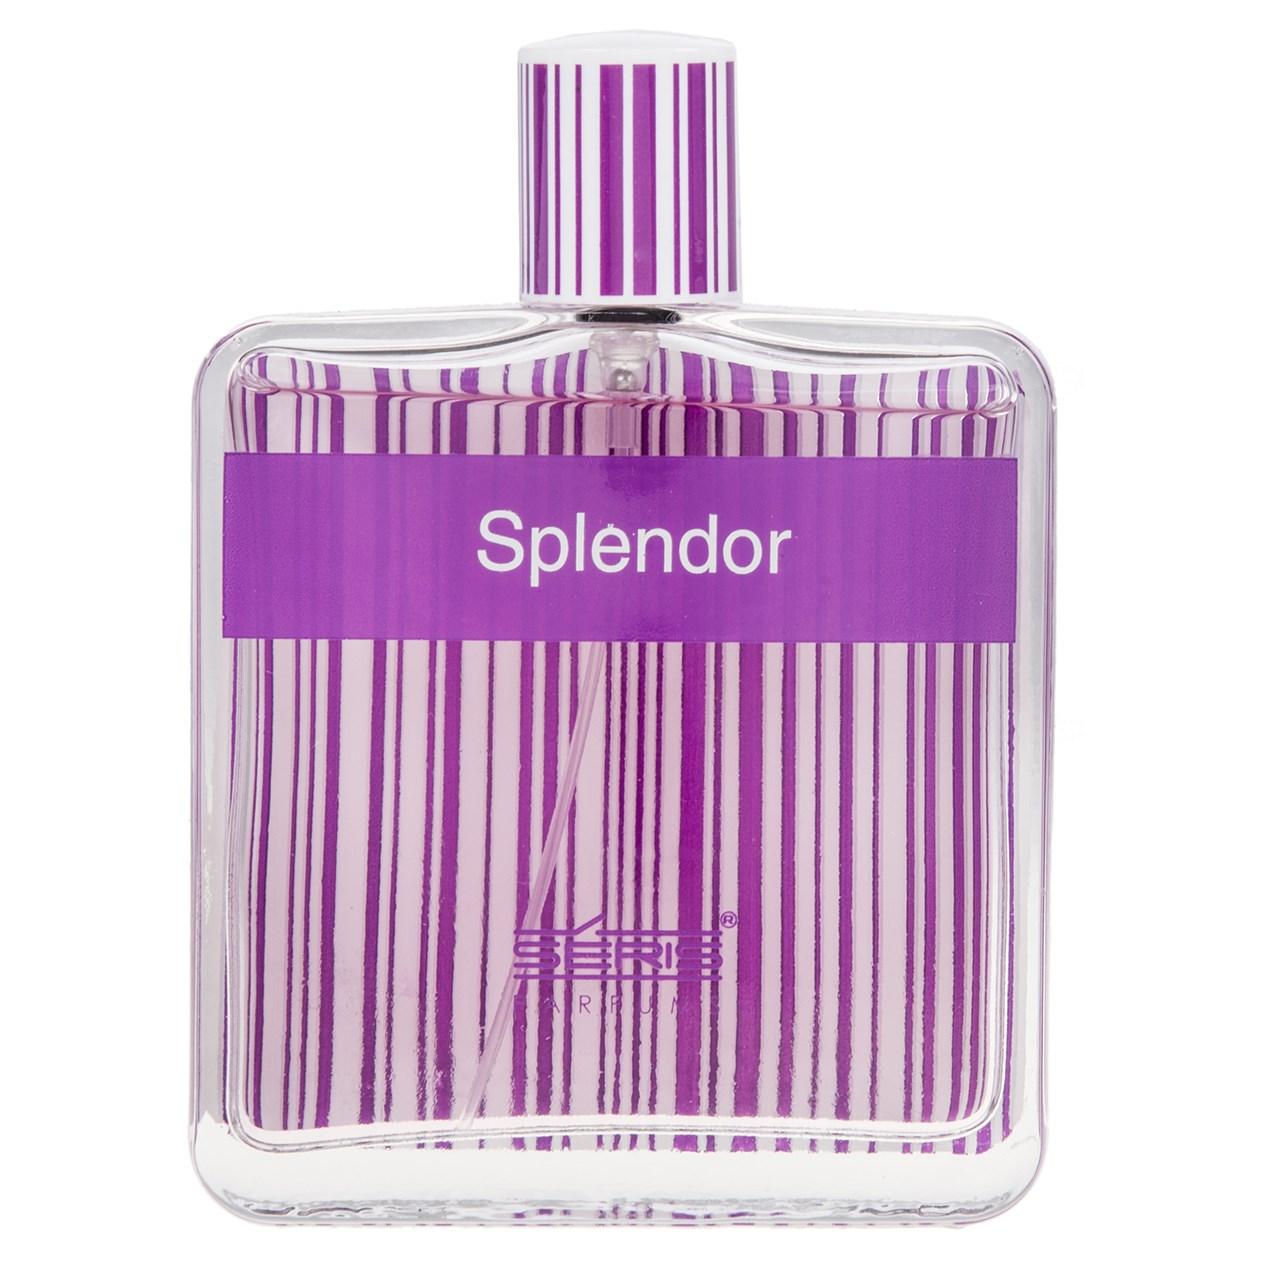 ادو پرفیوم مردانه سریس مدل Splendor Purple حجم 100 میلی لیتر